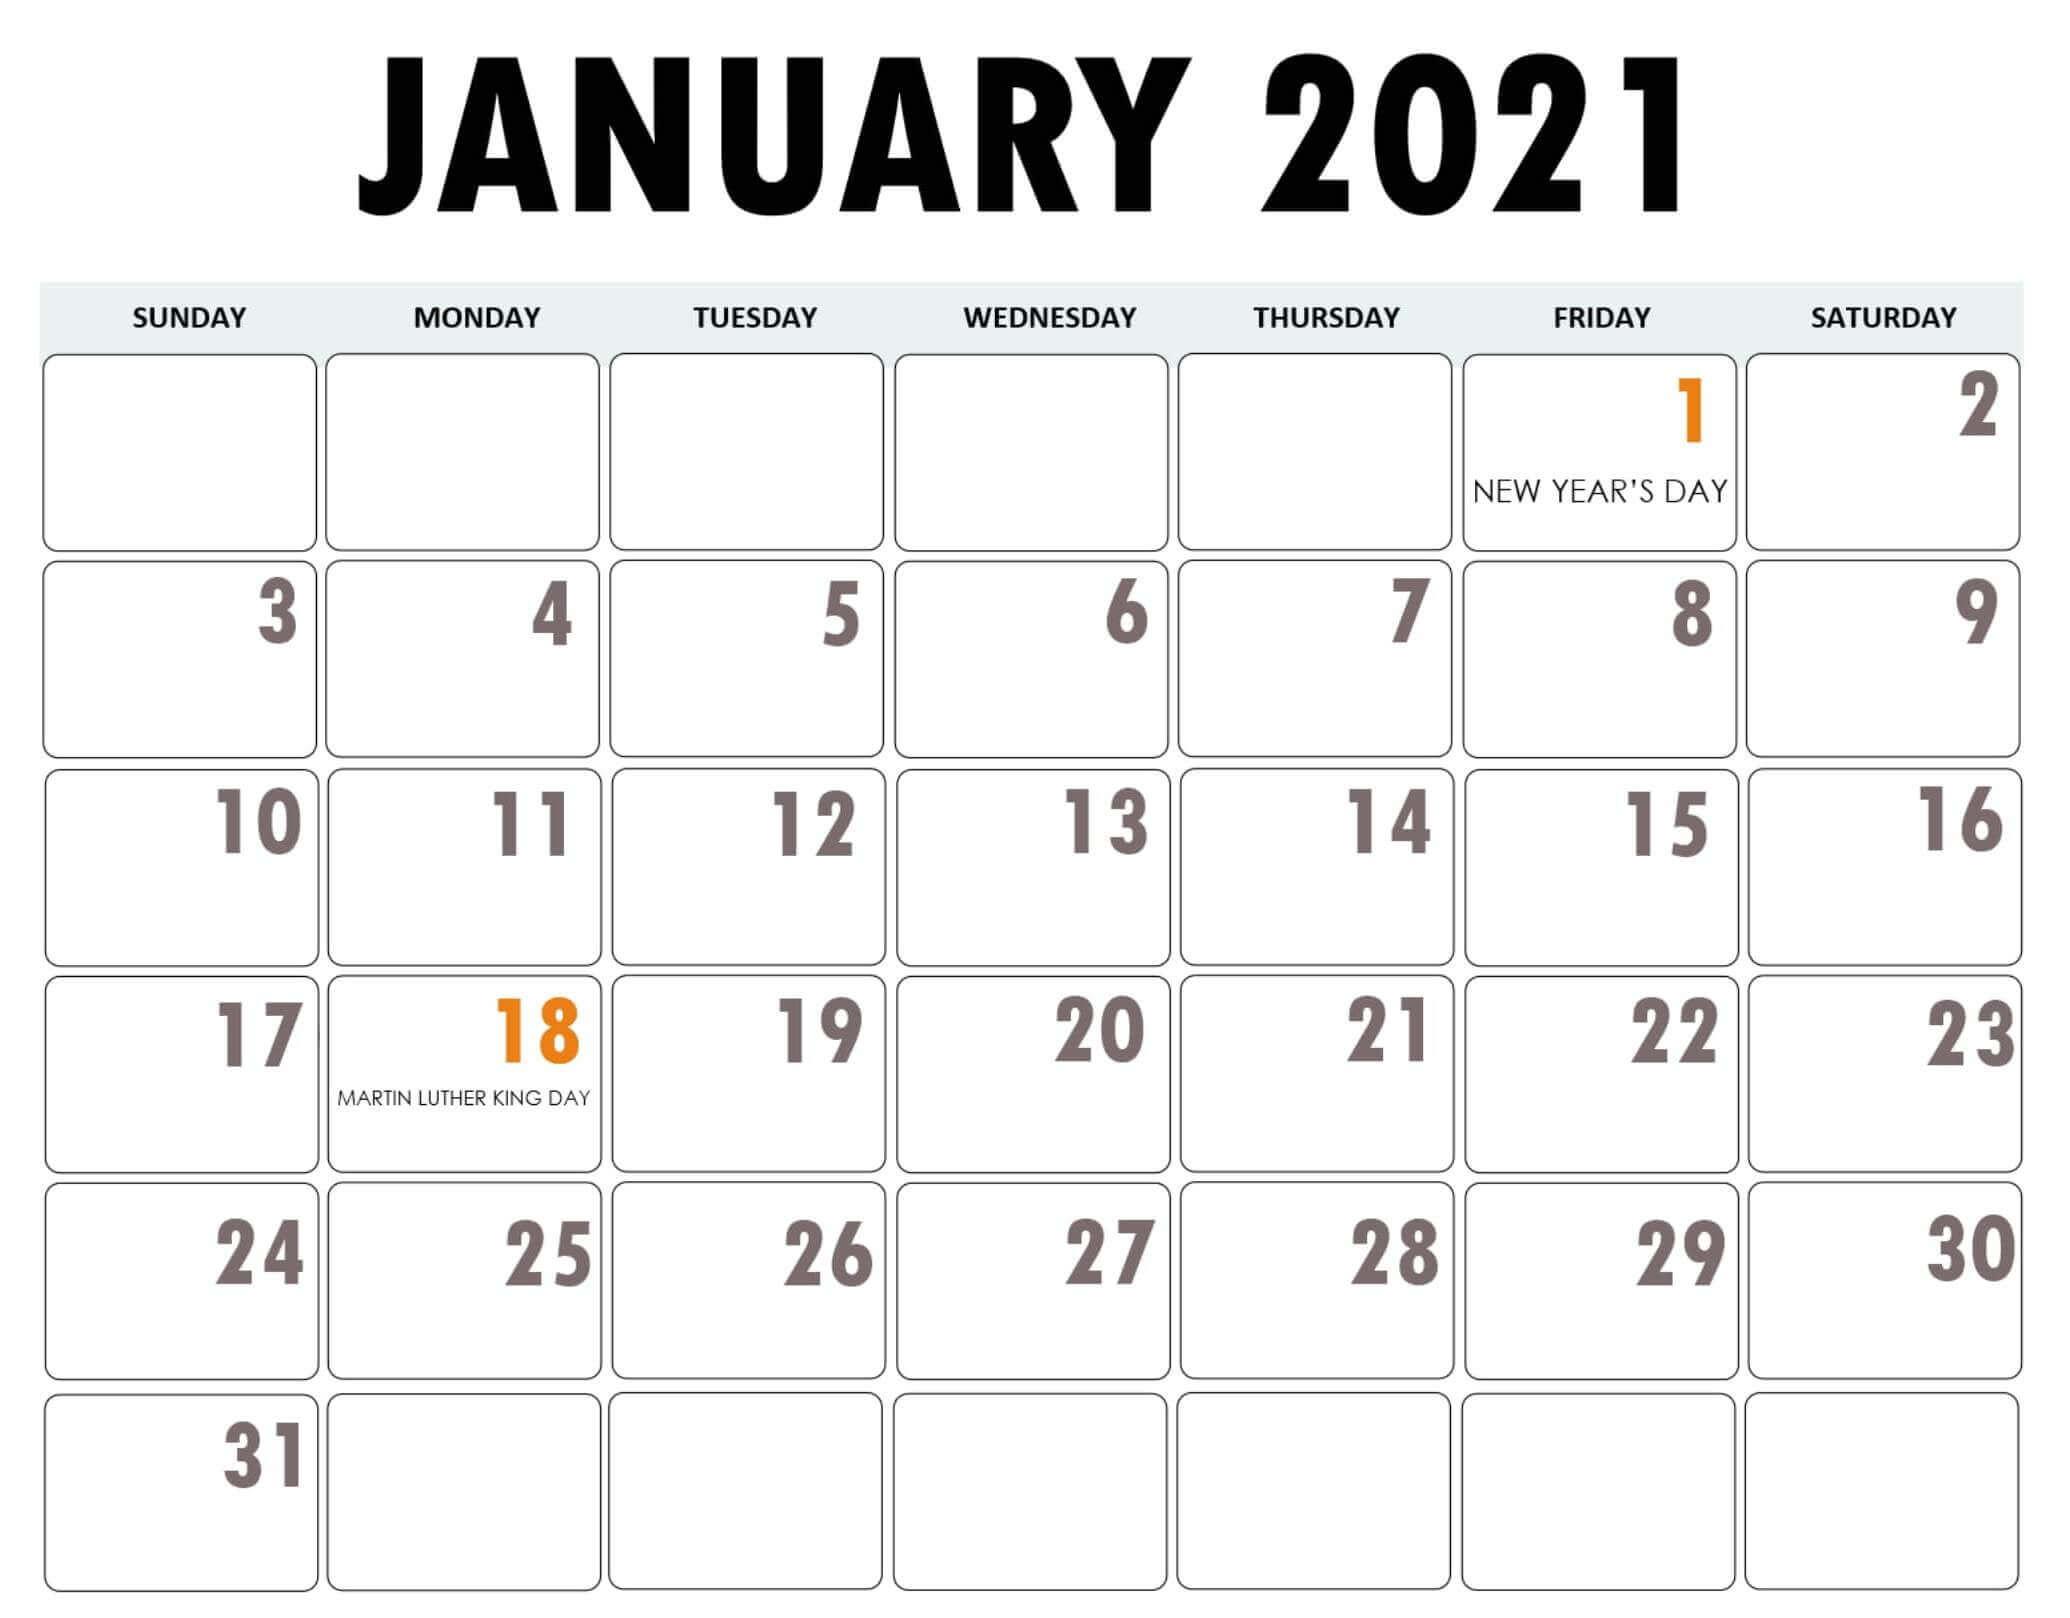 January 2021 Calendar Bank Holidays